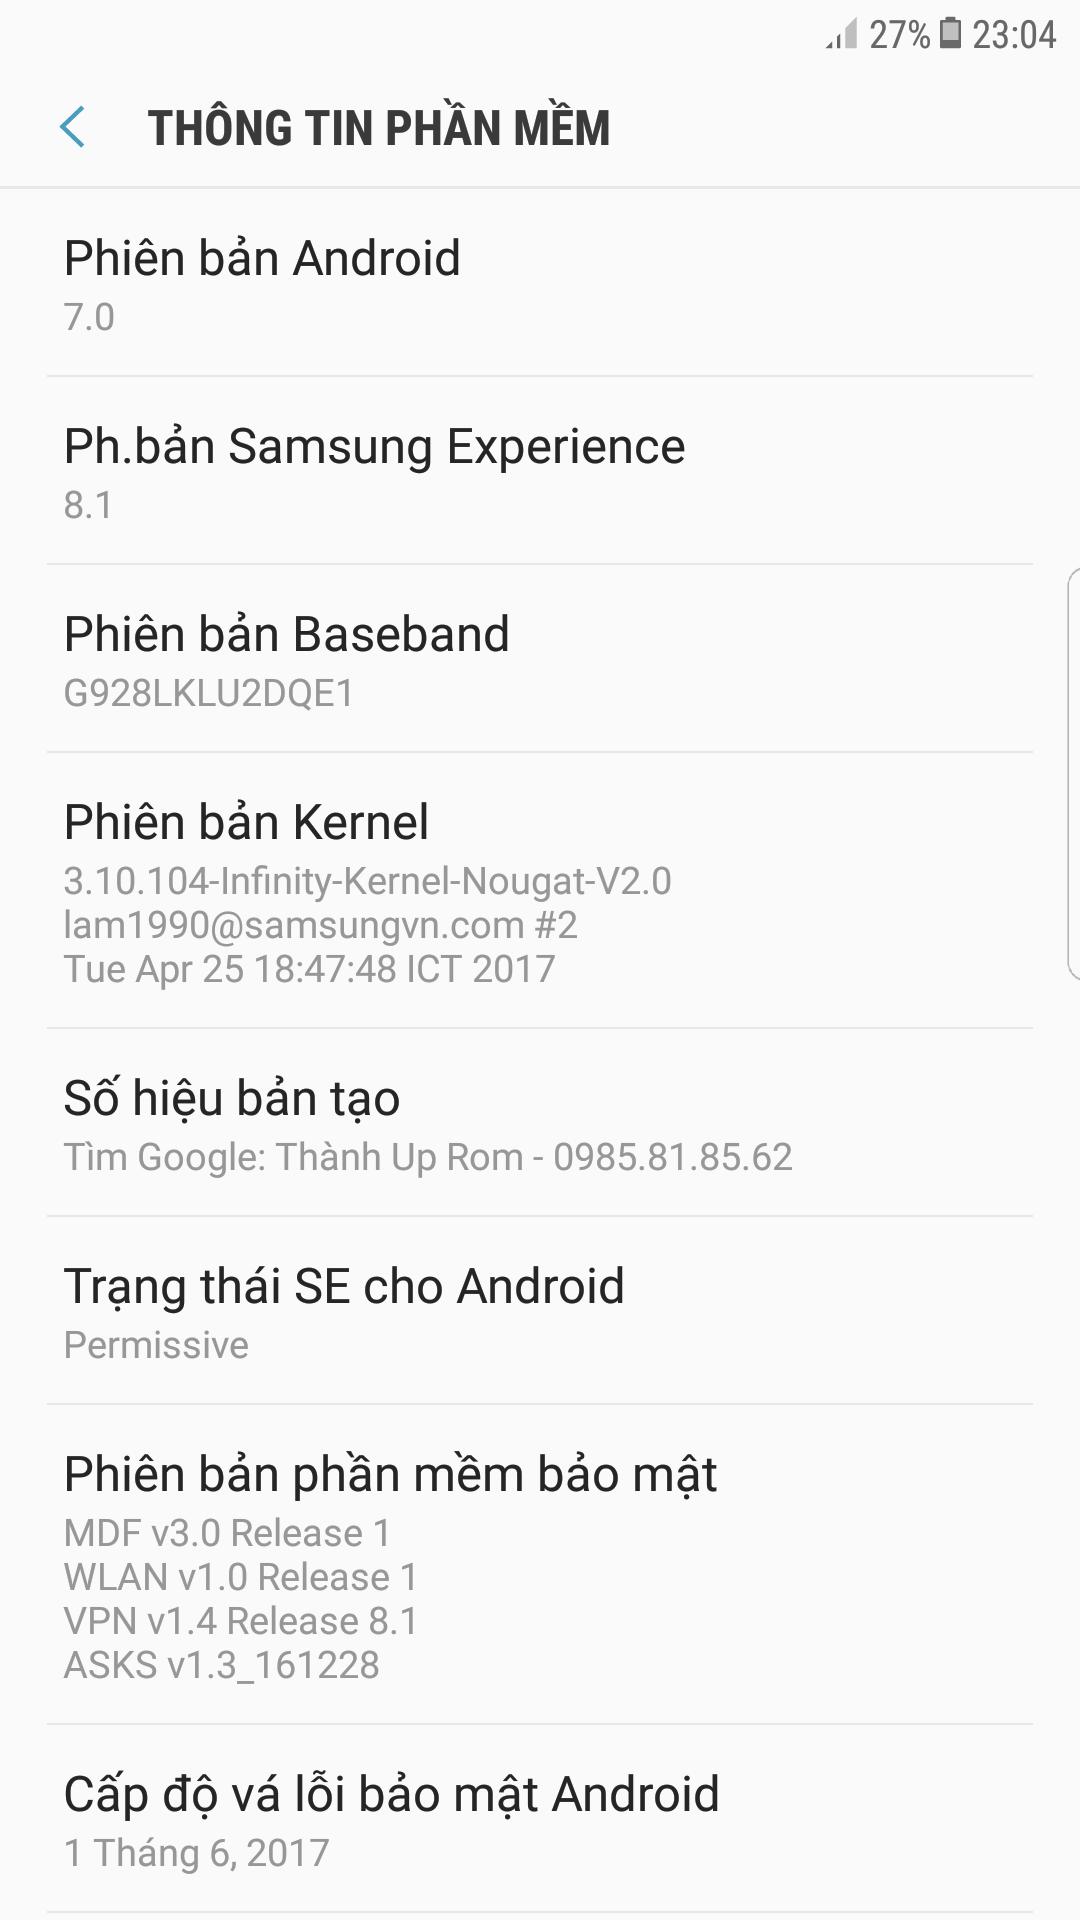 Hà Nội: - Thành Up Rom - Dịch Vụ Up Rom Android Chuyên Nghiệp, Uy